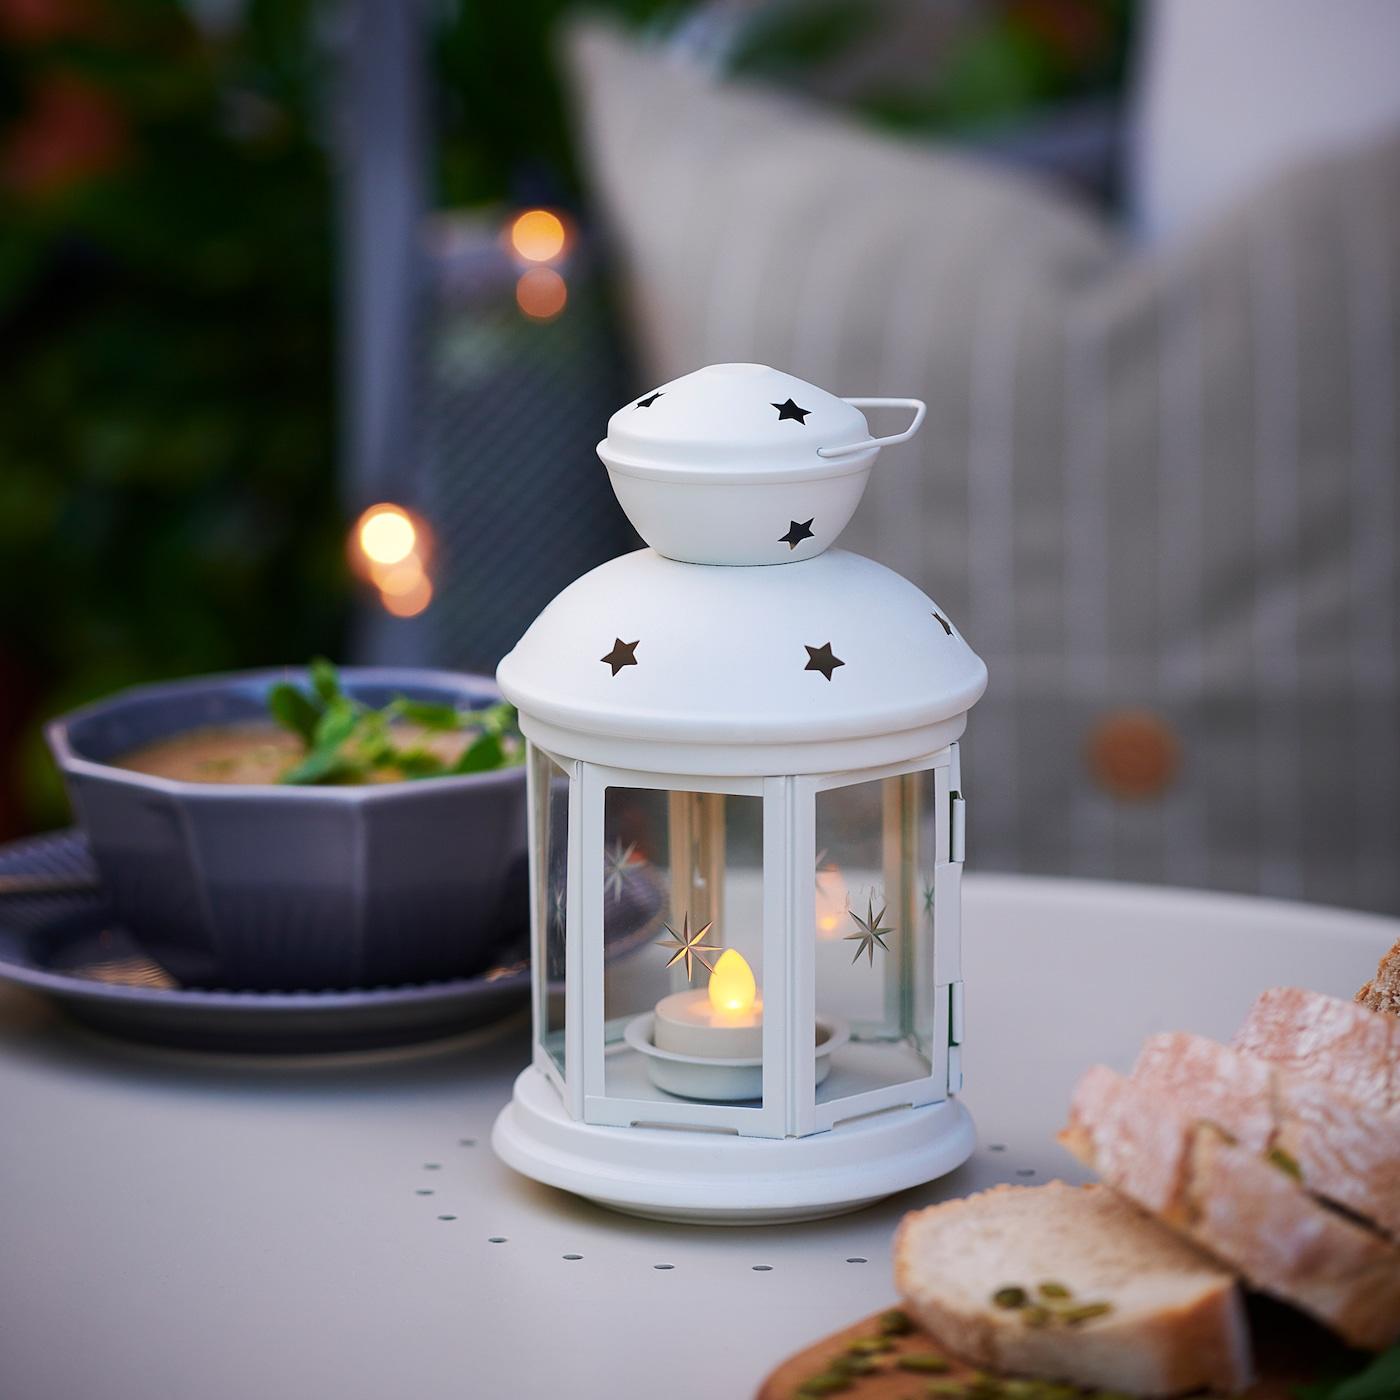 ROTERA Laterne für Teelicht drinnendraußen weiß IKEA